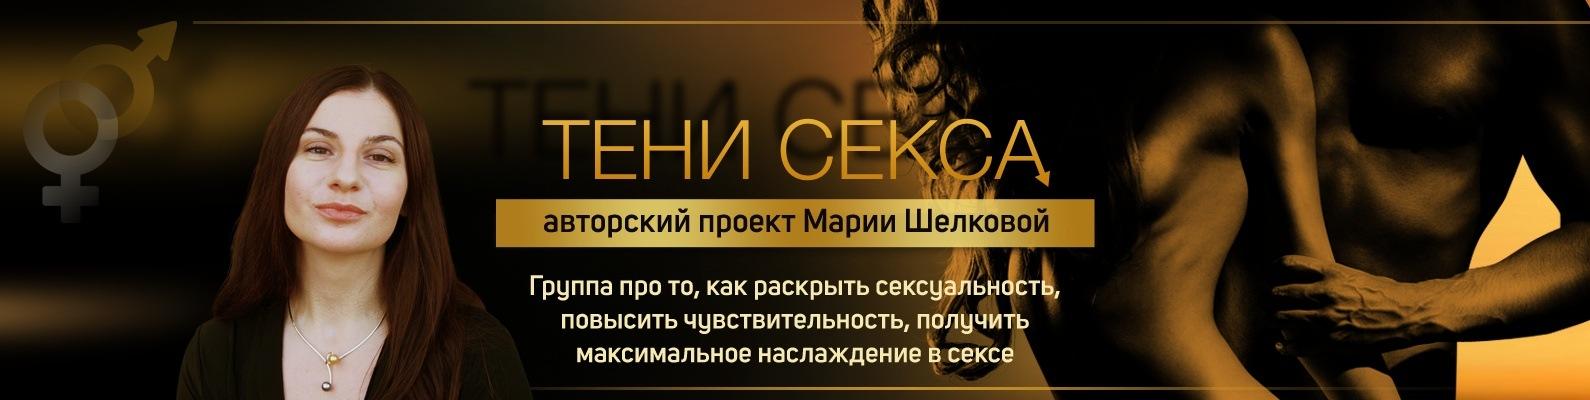 seks-chat-dvustoronney-svyazyu-kak-muzhiki-sledyat-za-svoimi-zhenami-roliki-video